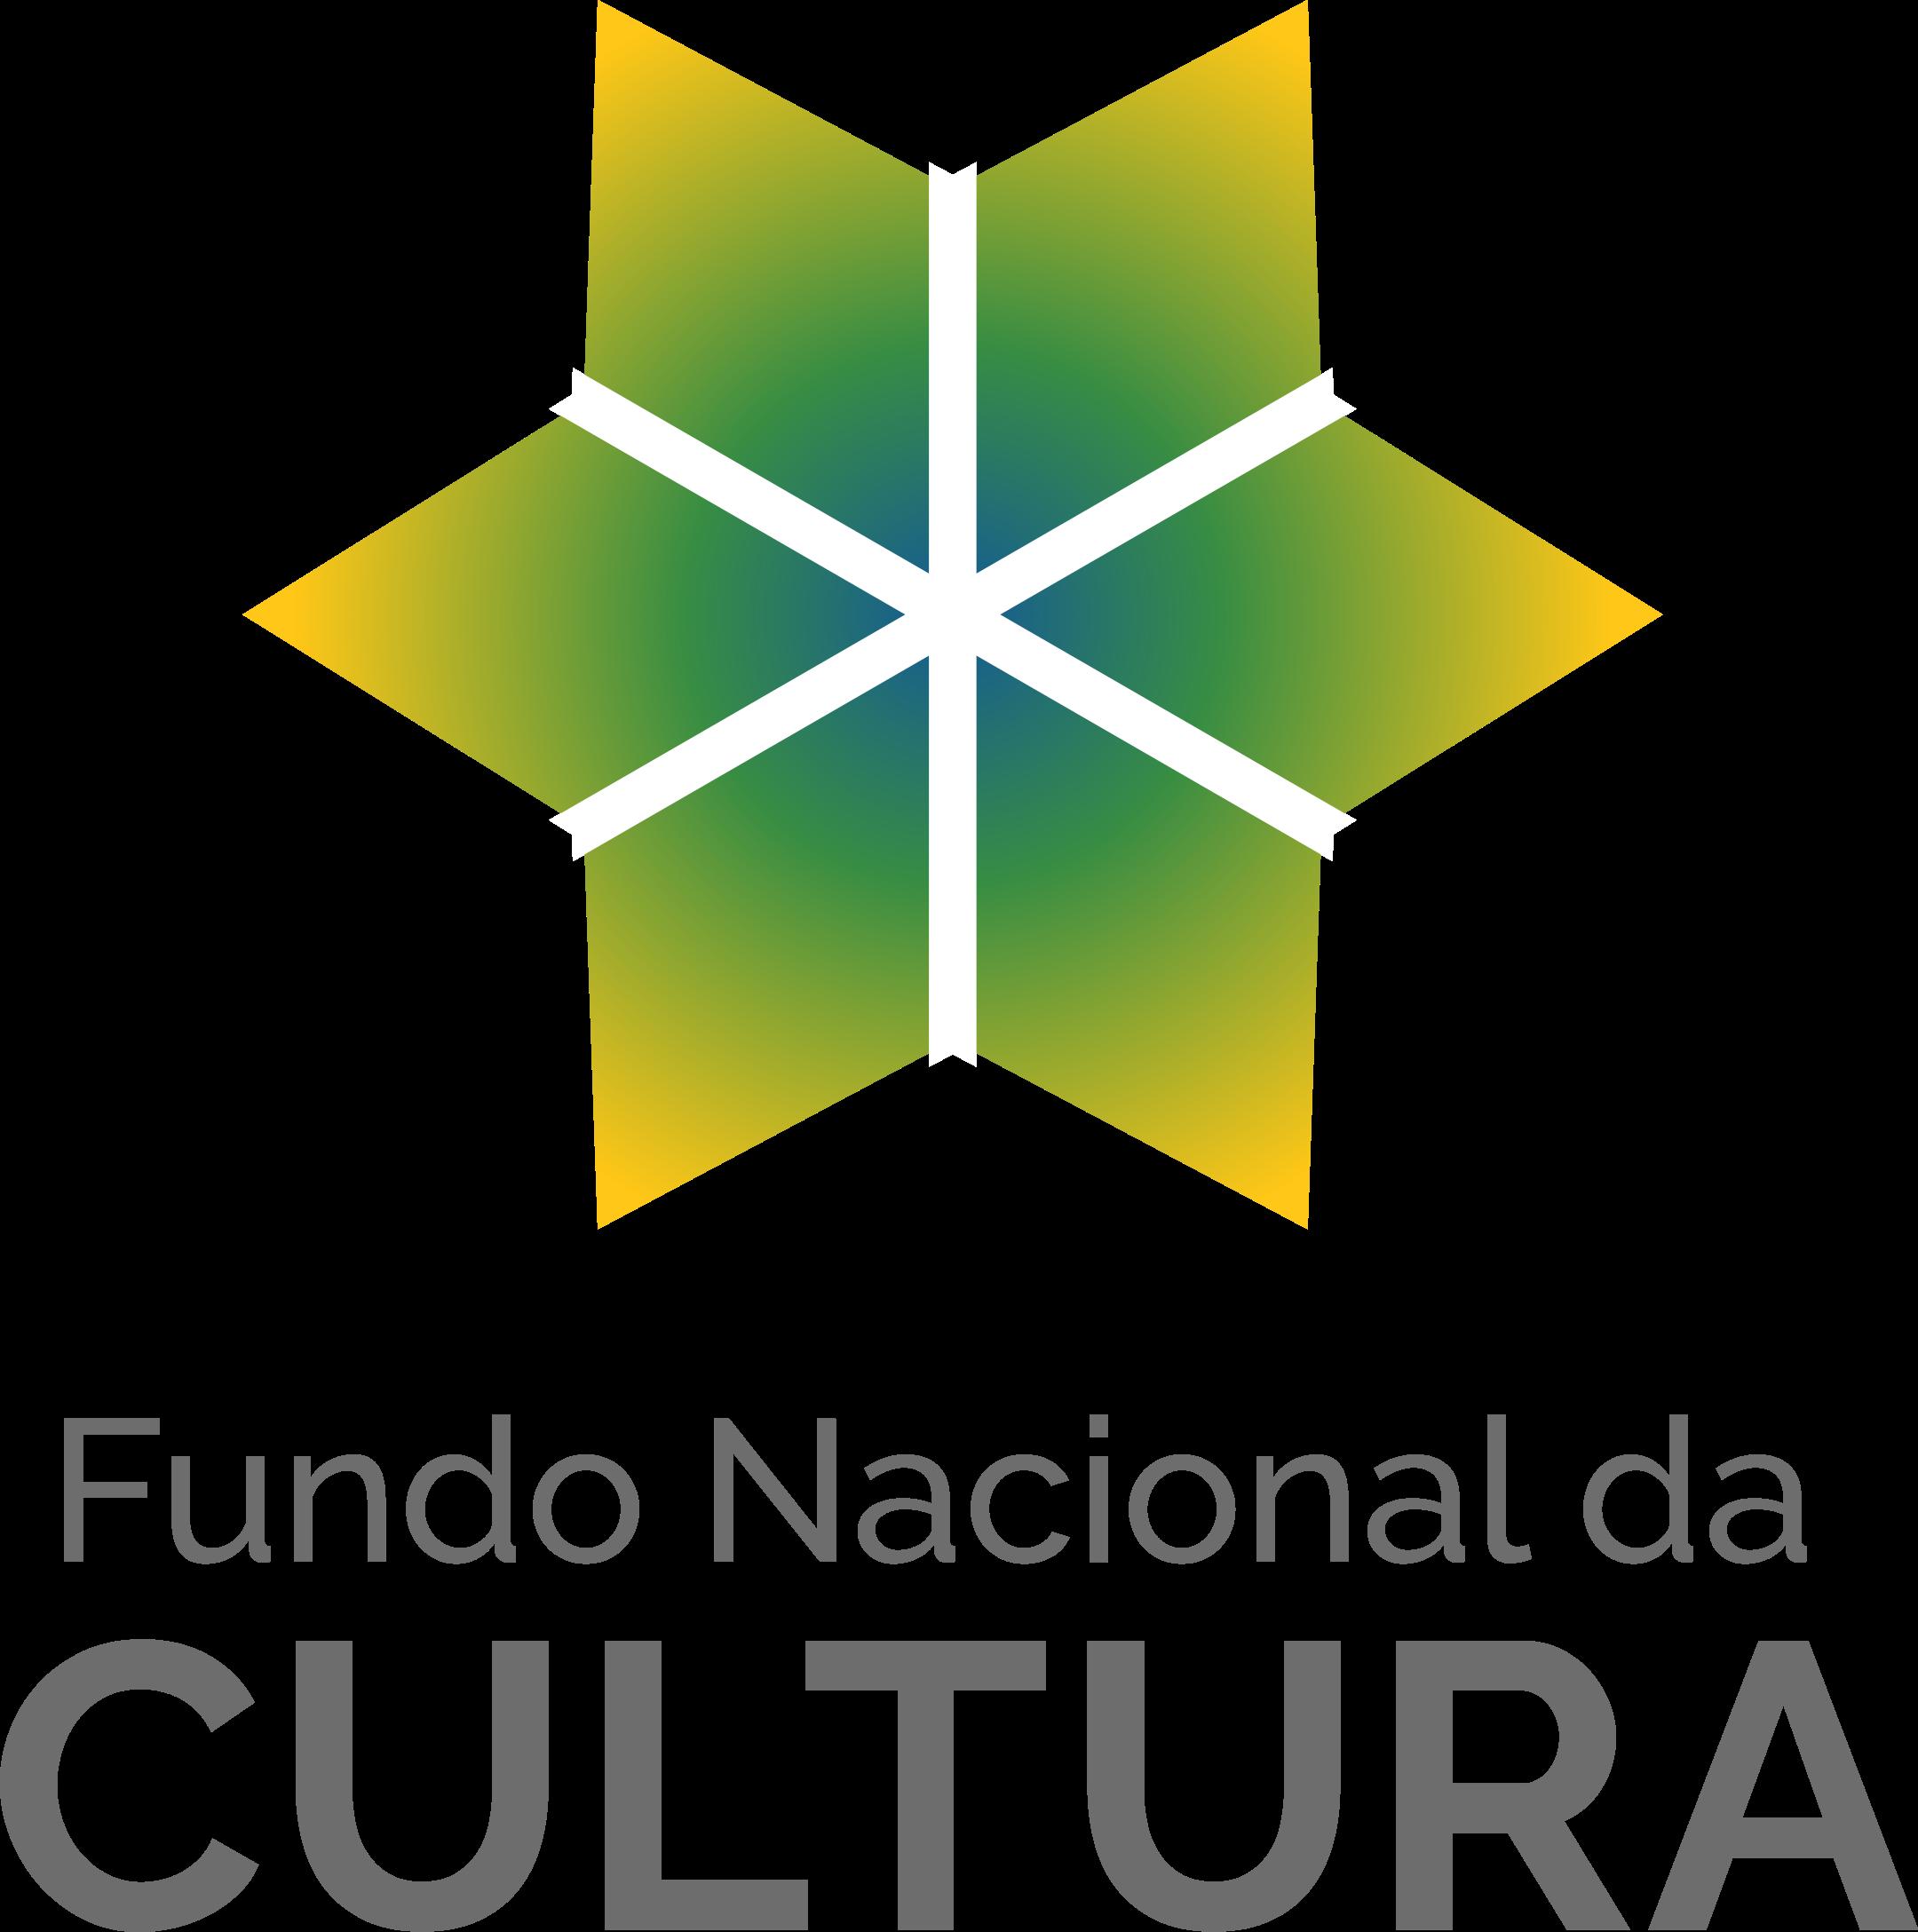 fundo nacional da cultura logo 1 - Fundo Nacional da Cultura Logo